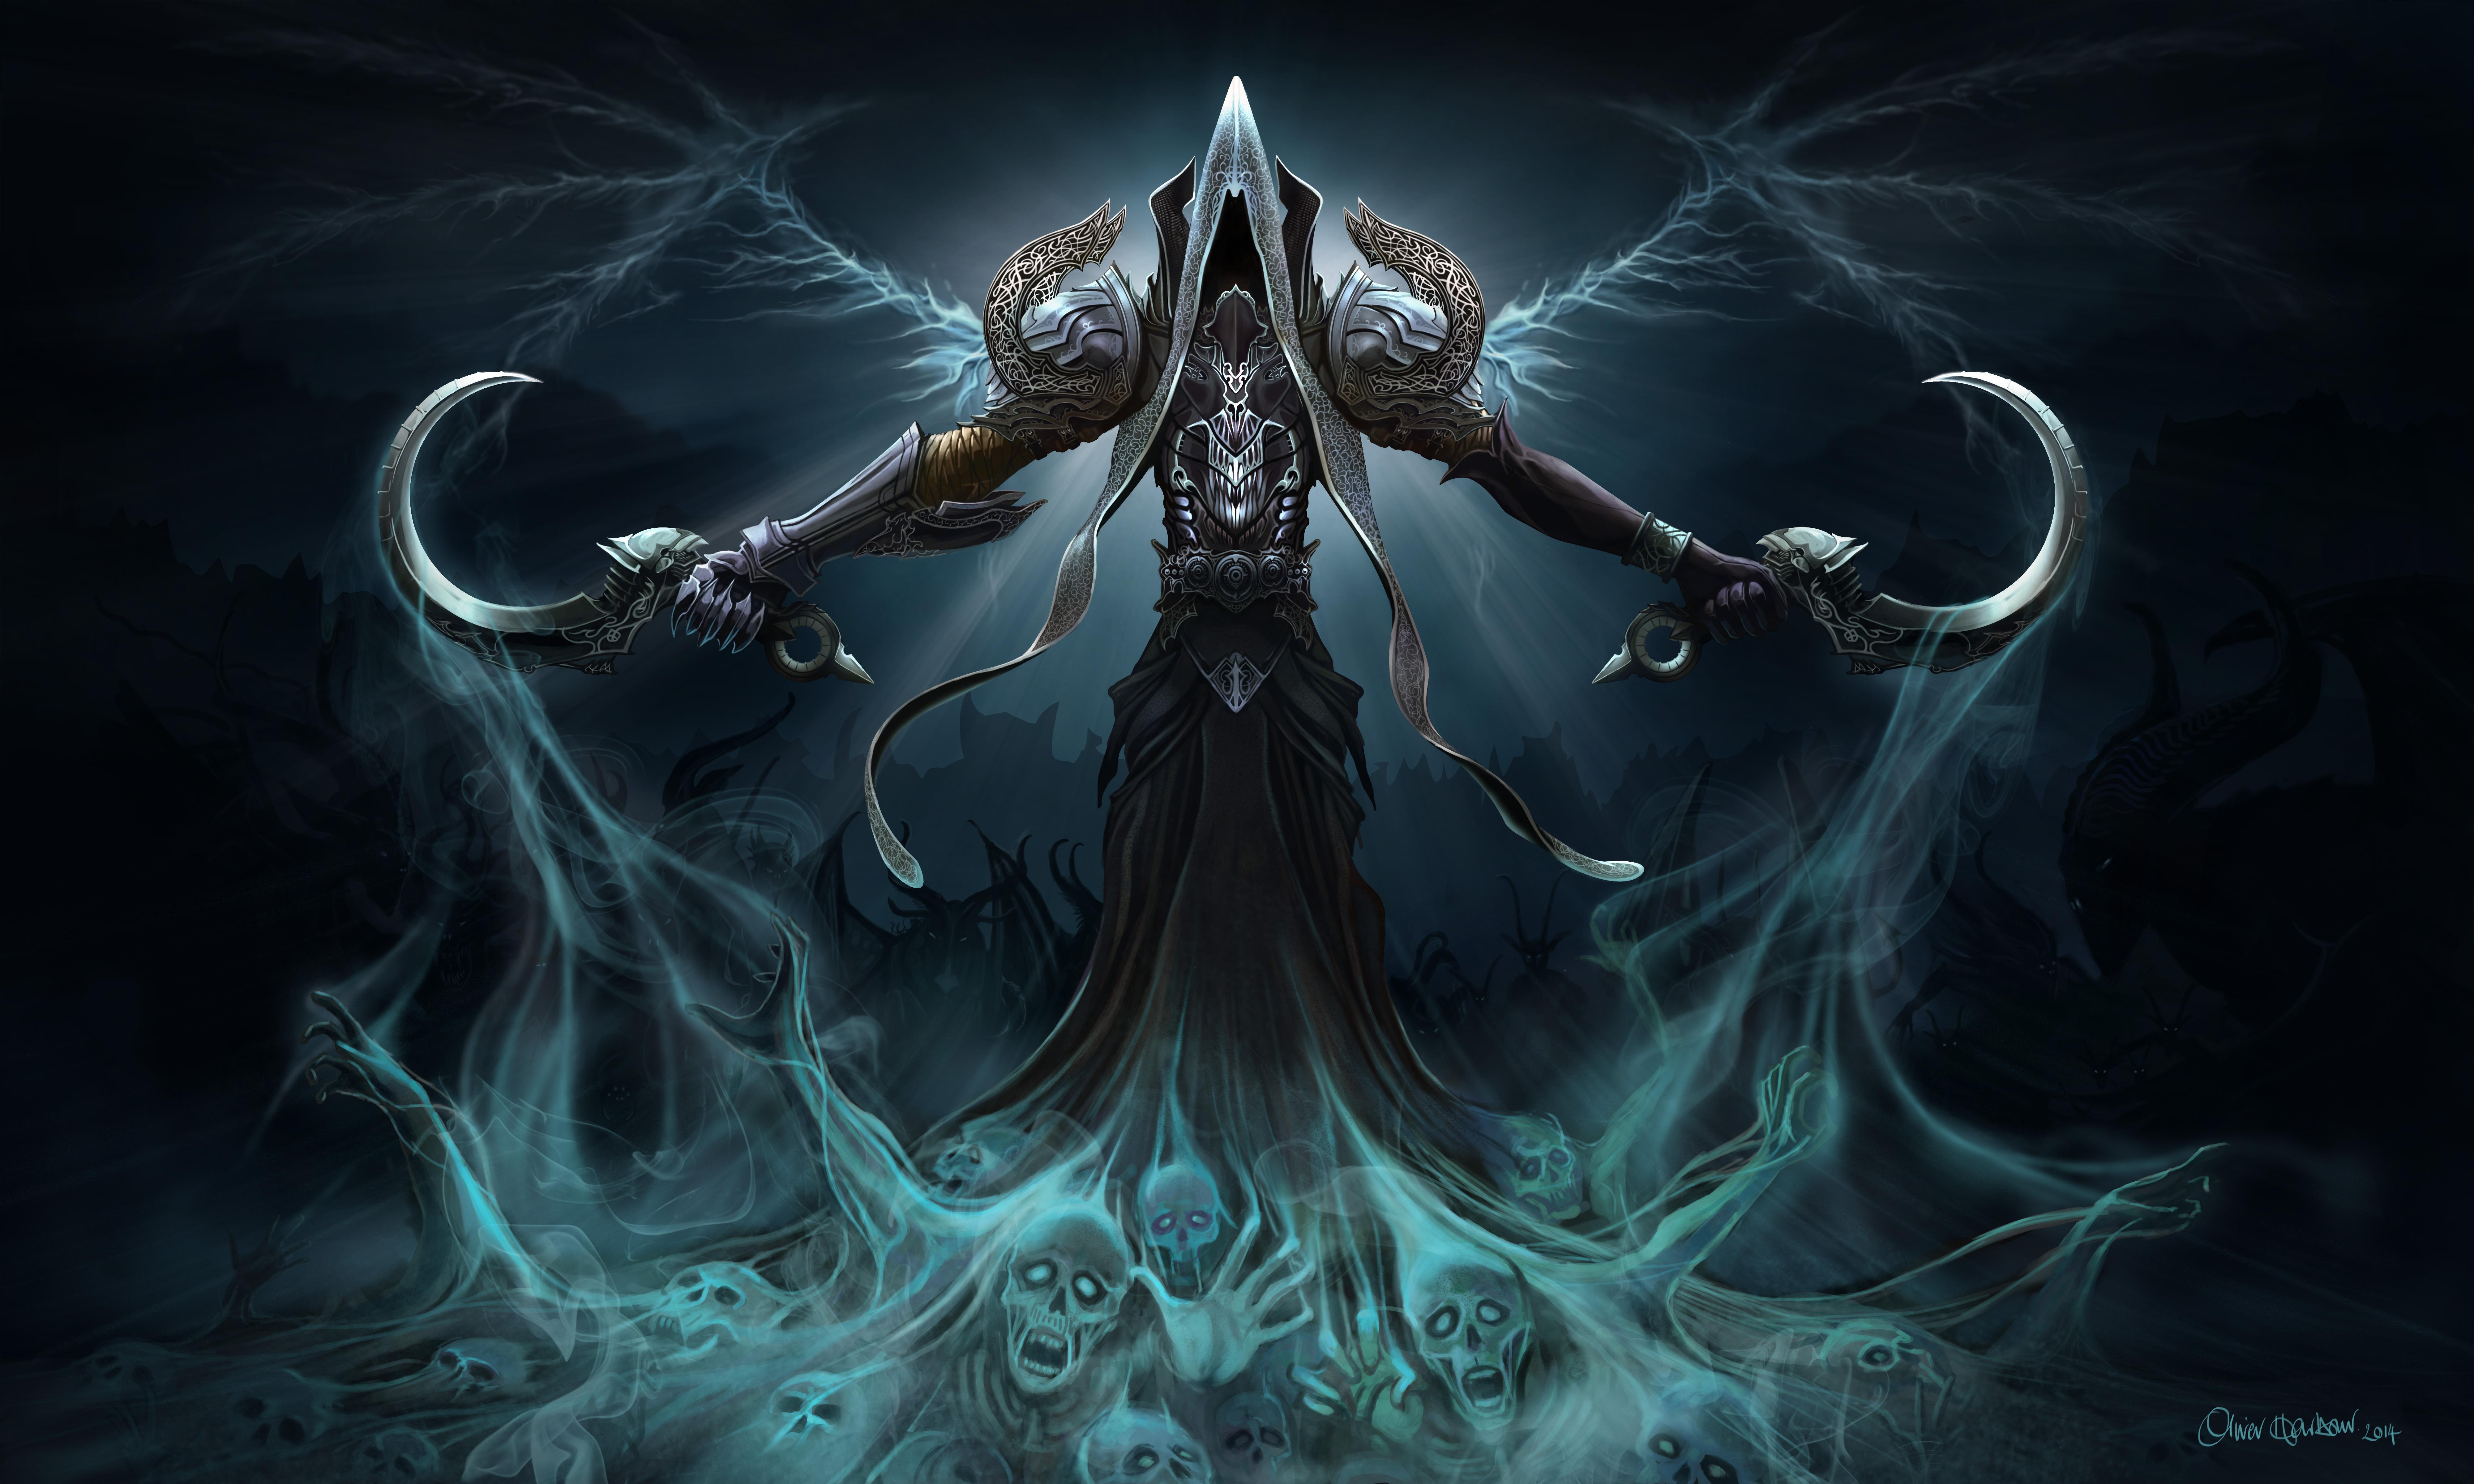 фэнтези diablo 3 reaper of souls загрузить